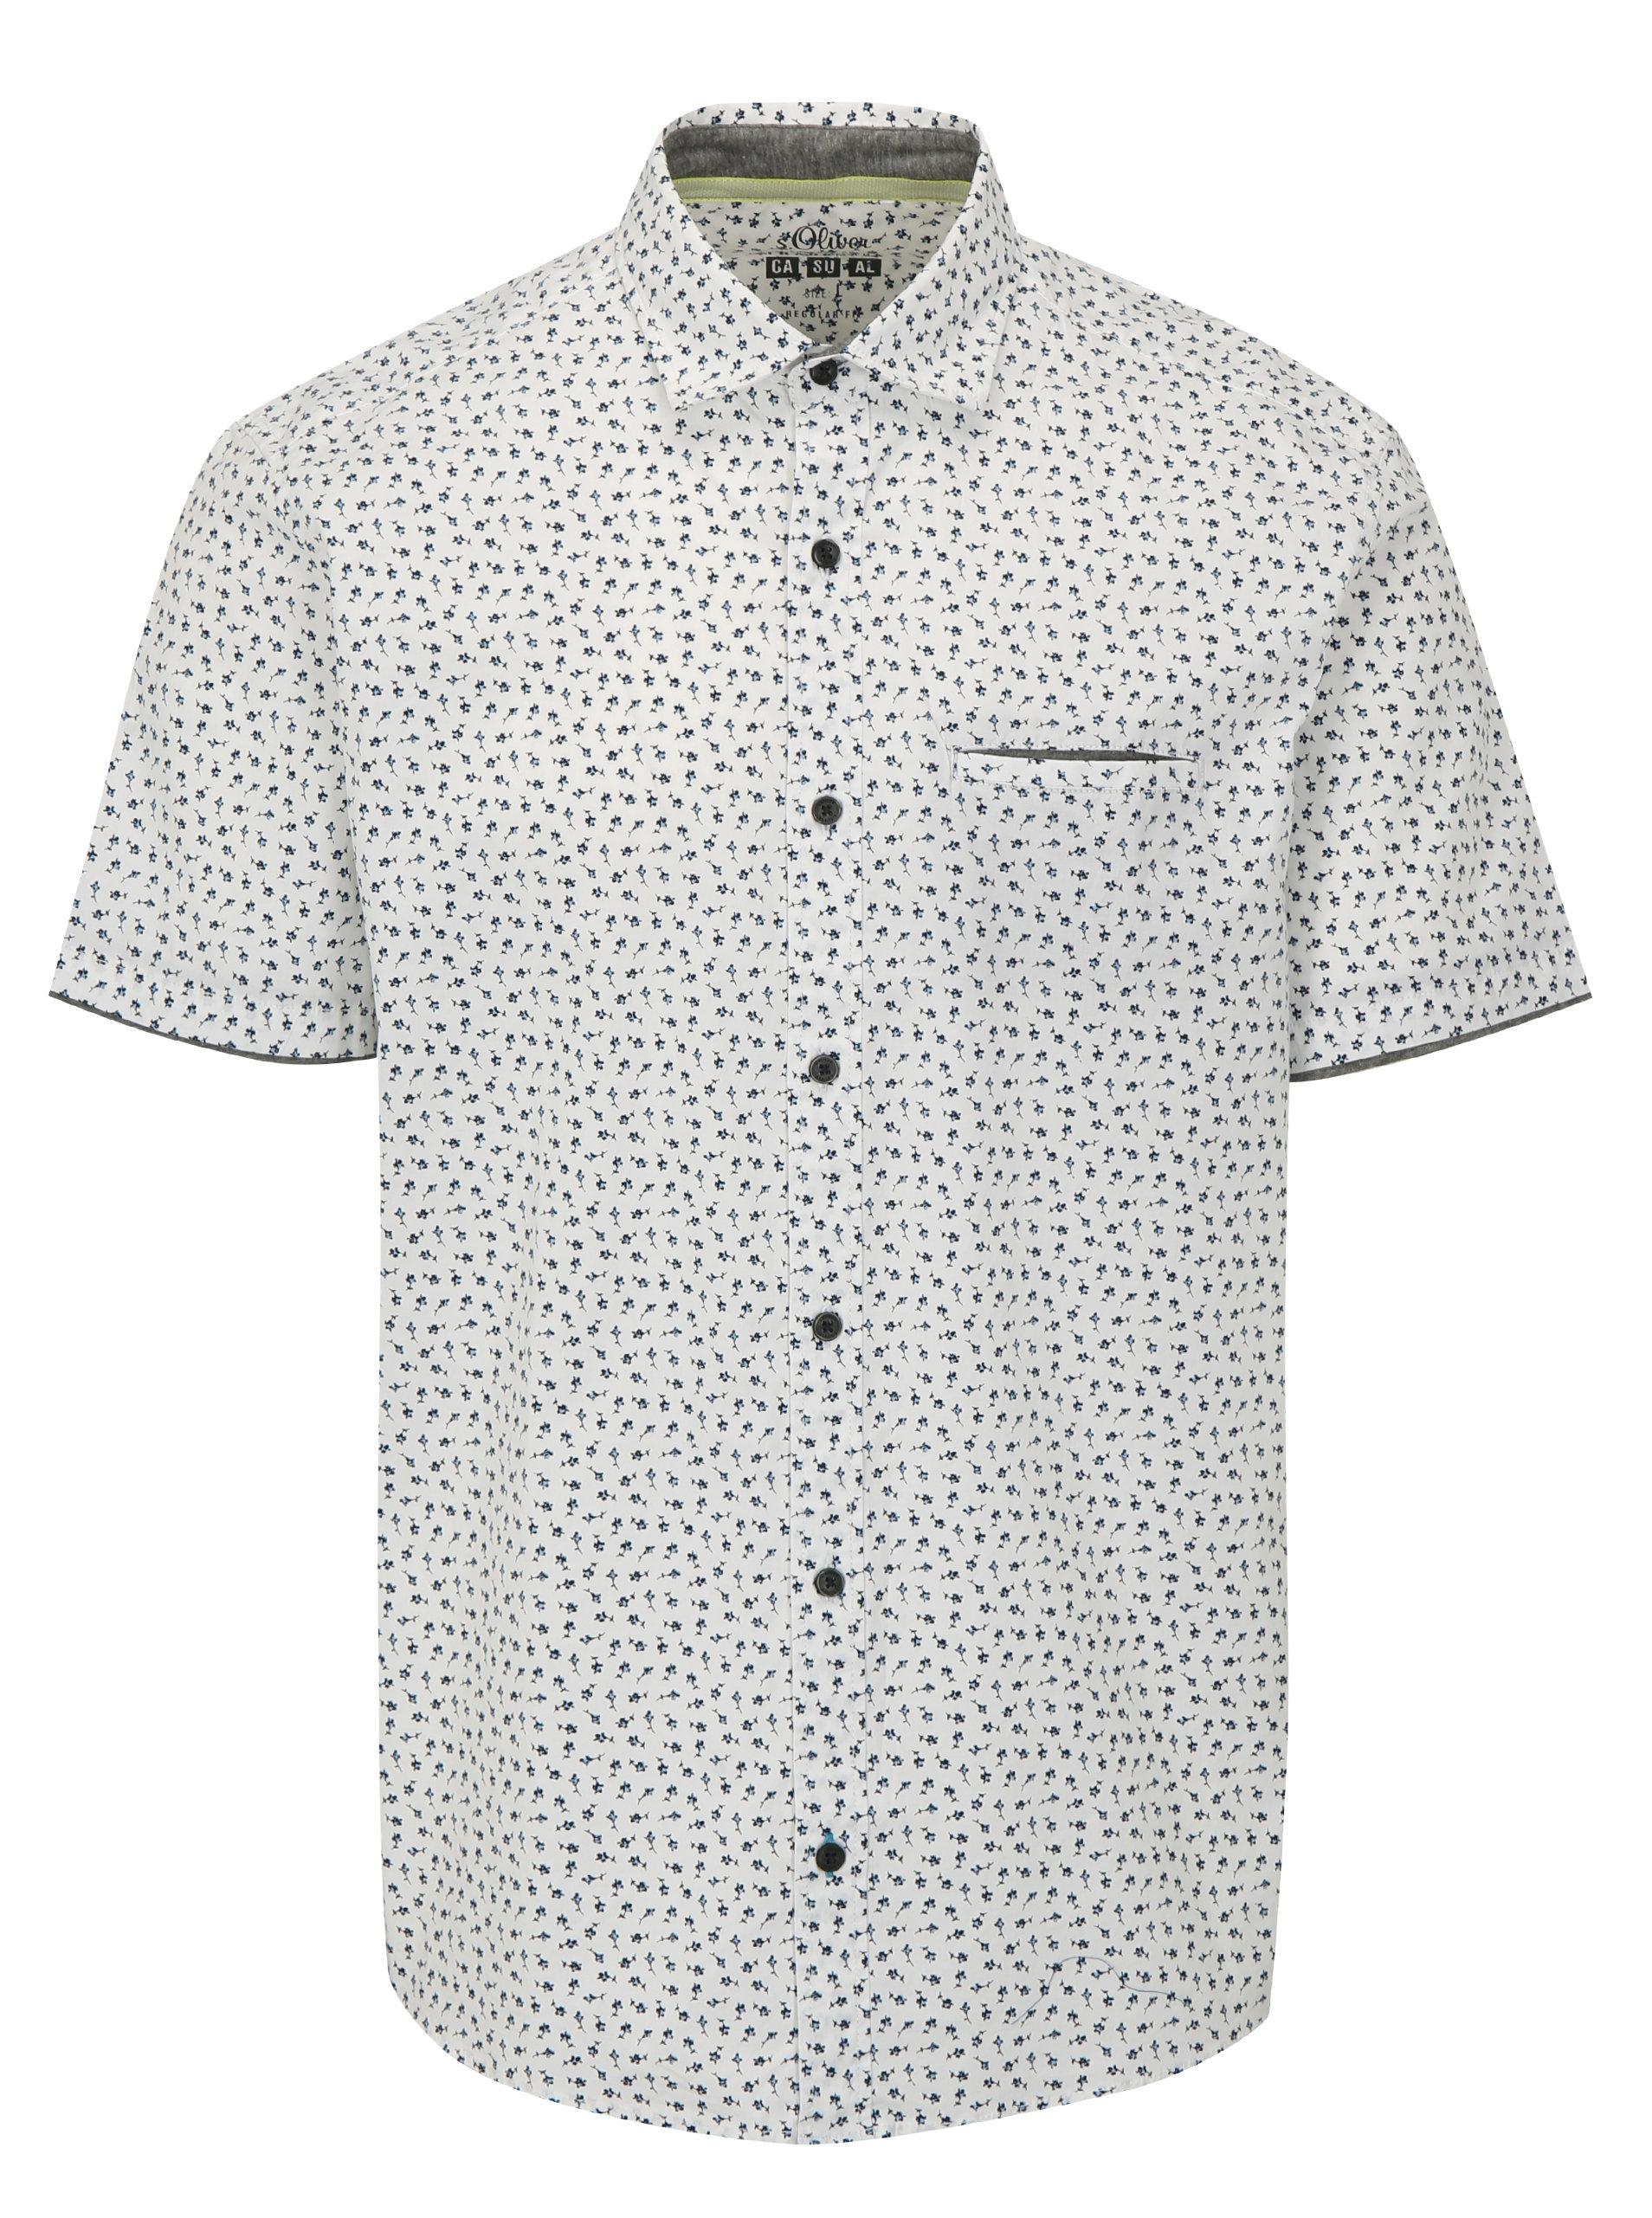 824f0e359 Biela pánska regular fit košeľa so vzorom s.Oliver | ZOOT.sk